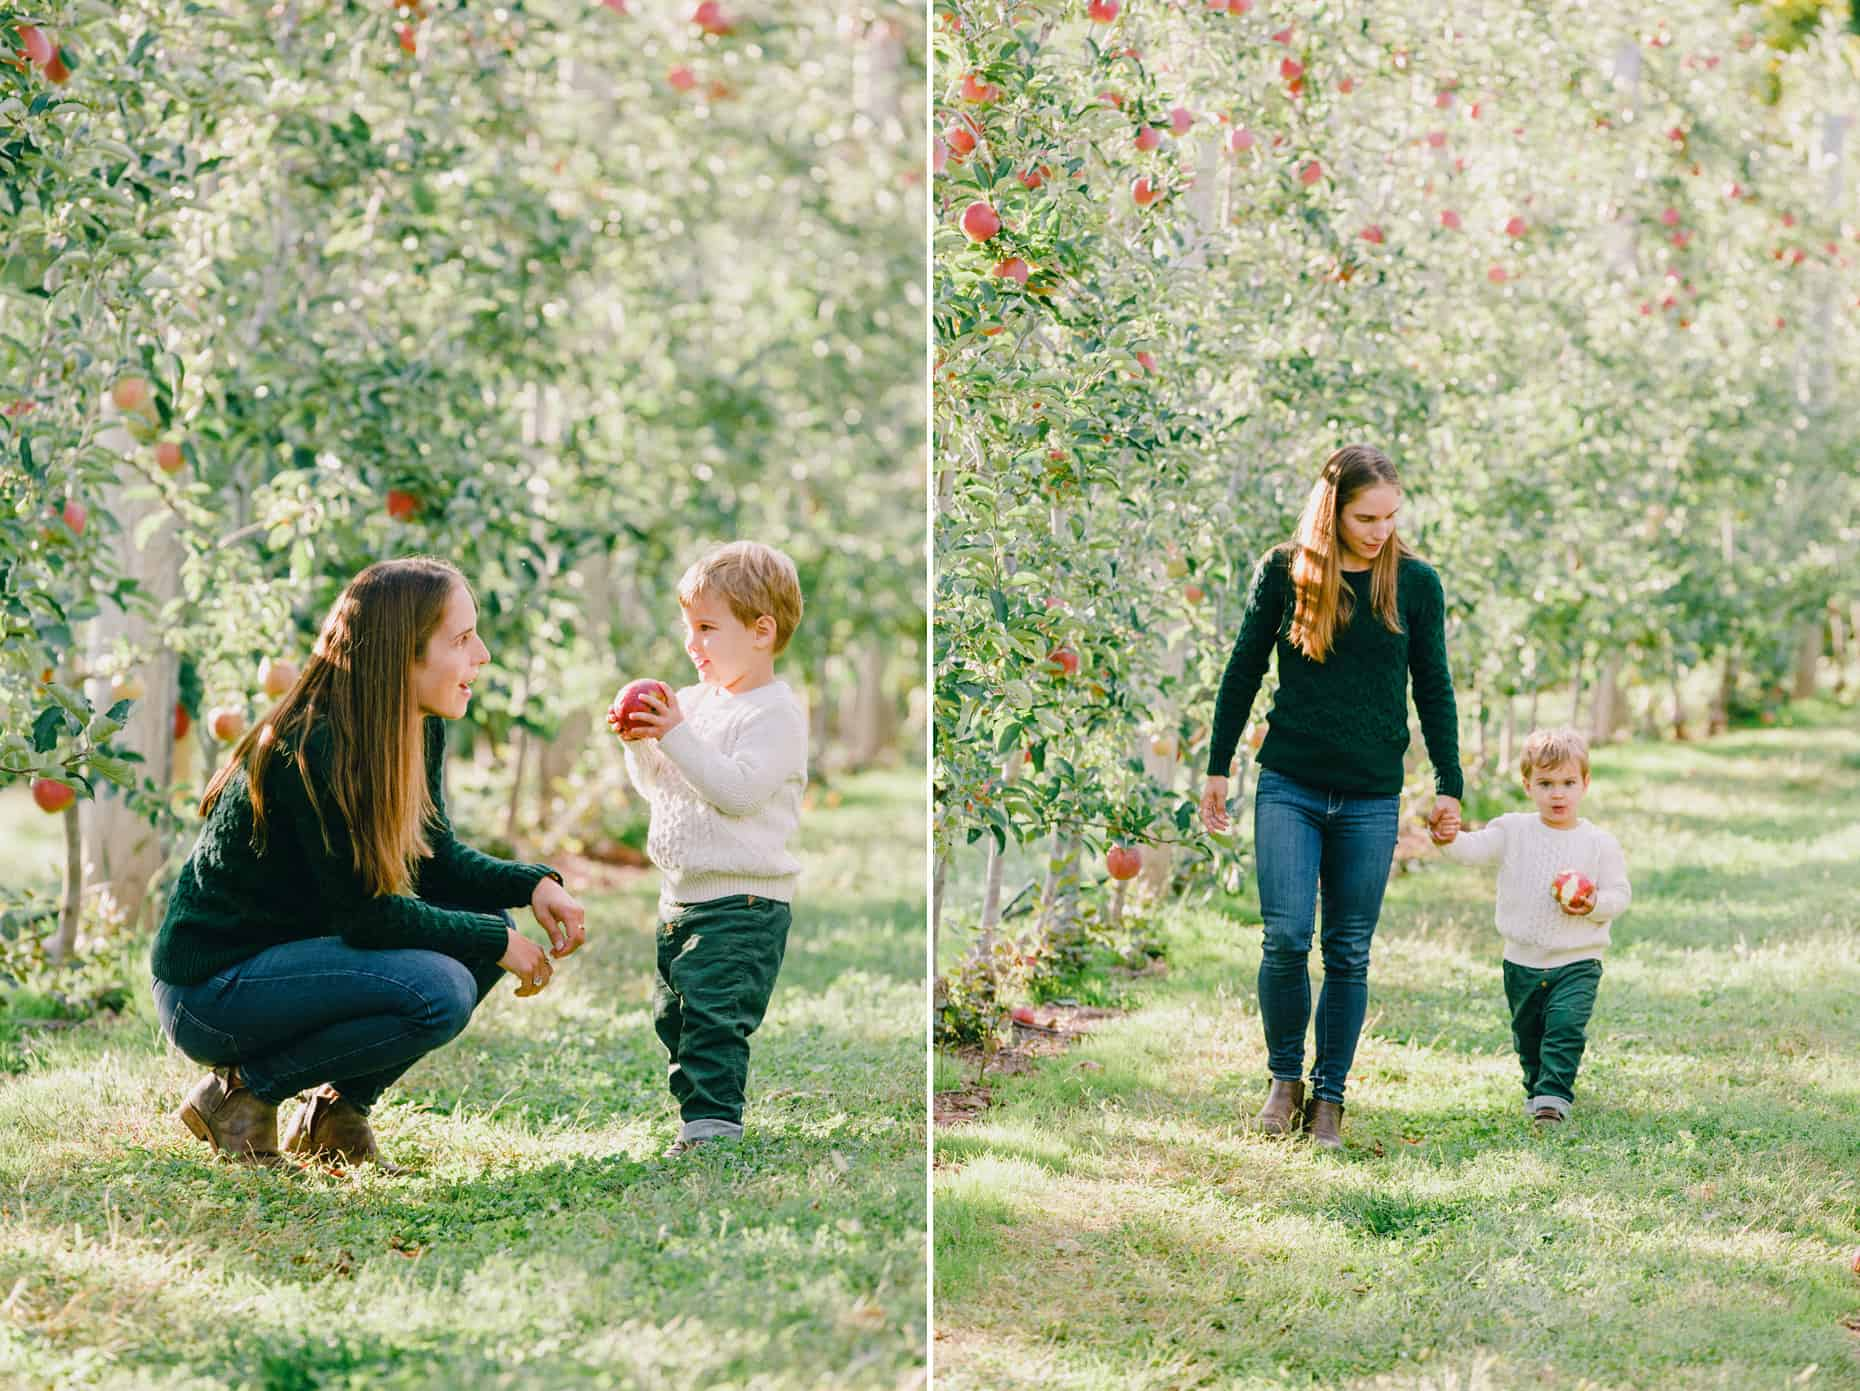 Fall Family Photos New Jersey